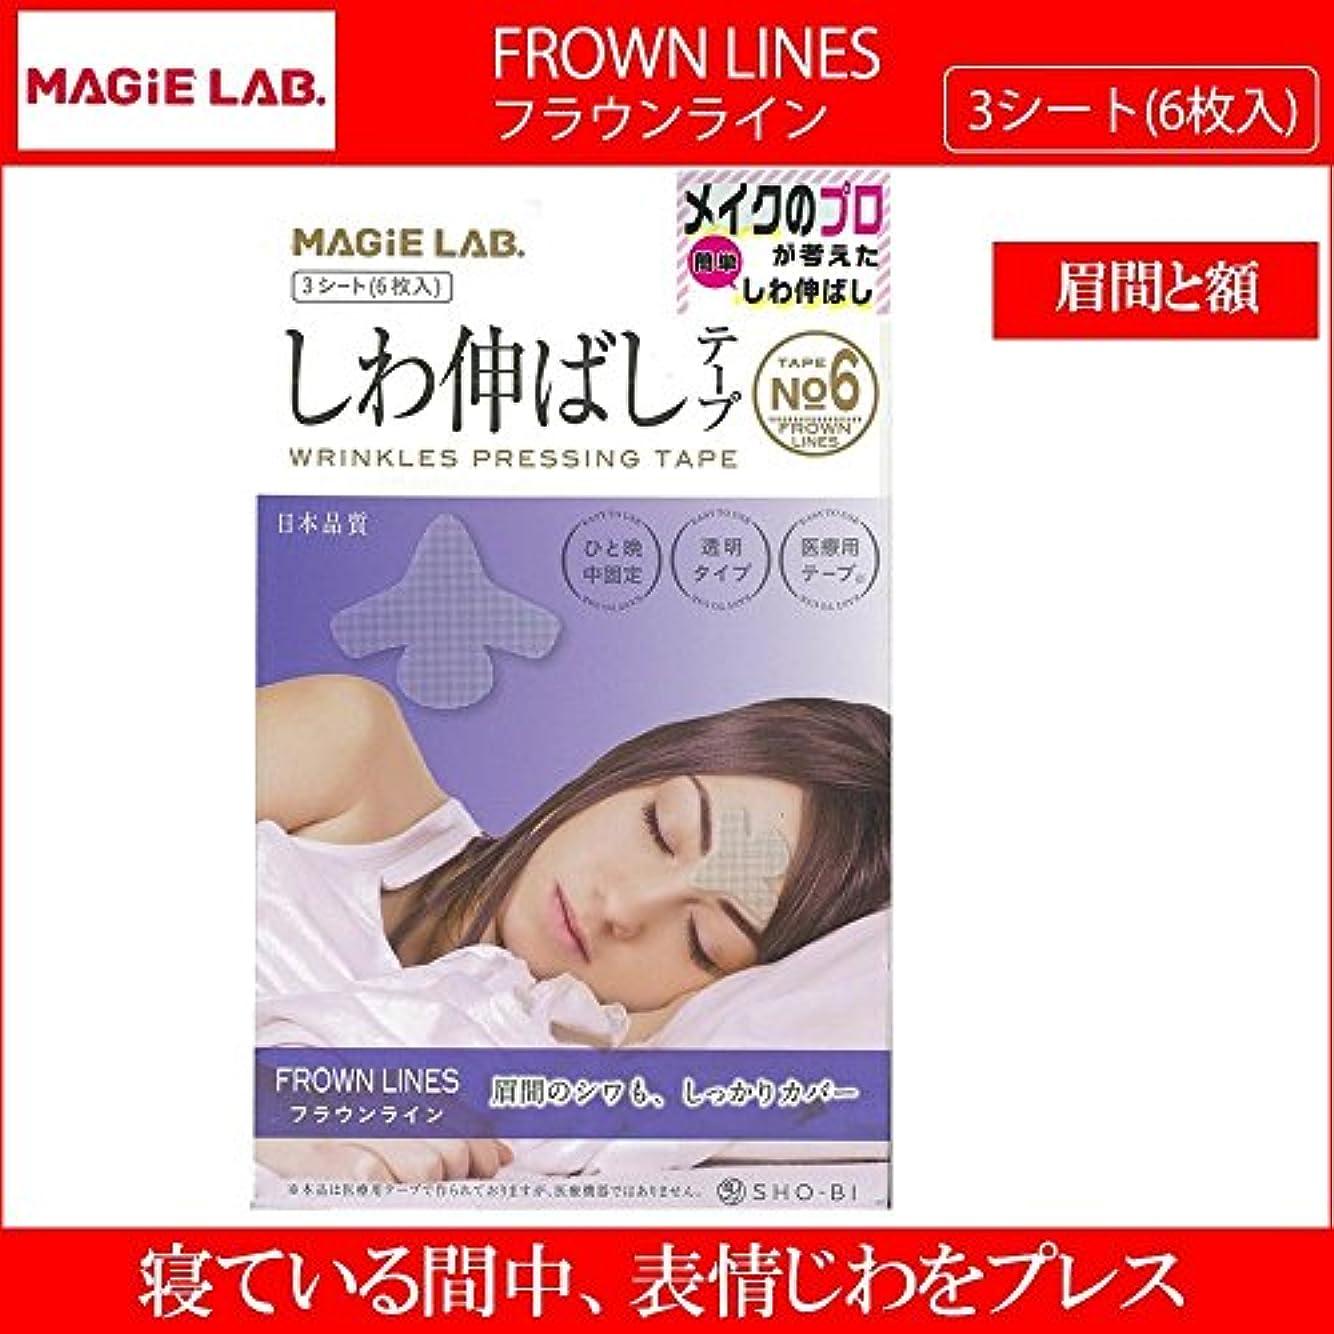 ミュウミュウ説明的ぬいぐるみMAGiE LAB.(マジラボ) しわ伸ばしテープ NO.6 FROWN LINES(フラウンライン) 3シート(6枚入) MG22150